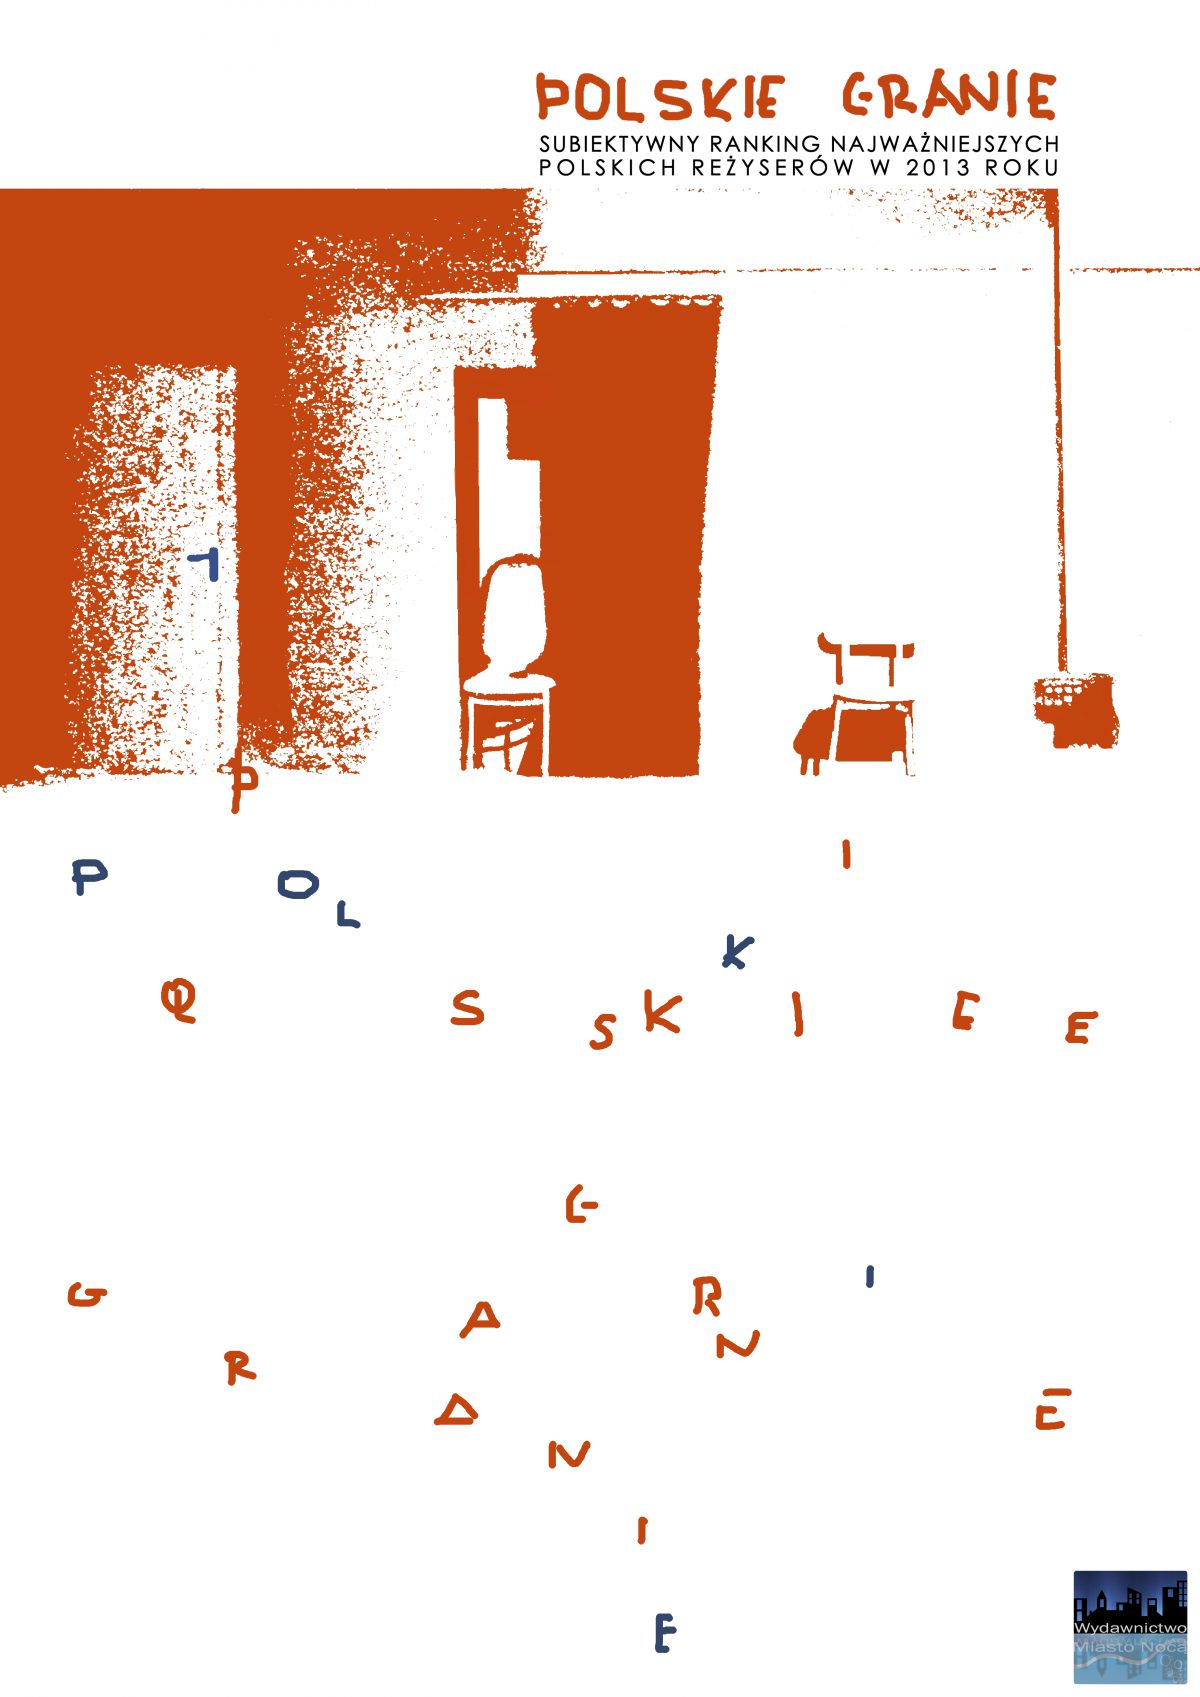 Polskie granie. Subiektywny ranking najważniejszych polskich reżyserów w 2013 roku. - Ebook (Książka PDF) do pobrania w formacie PDF